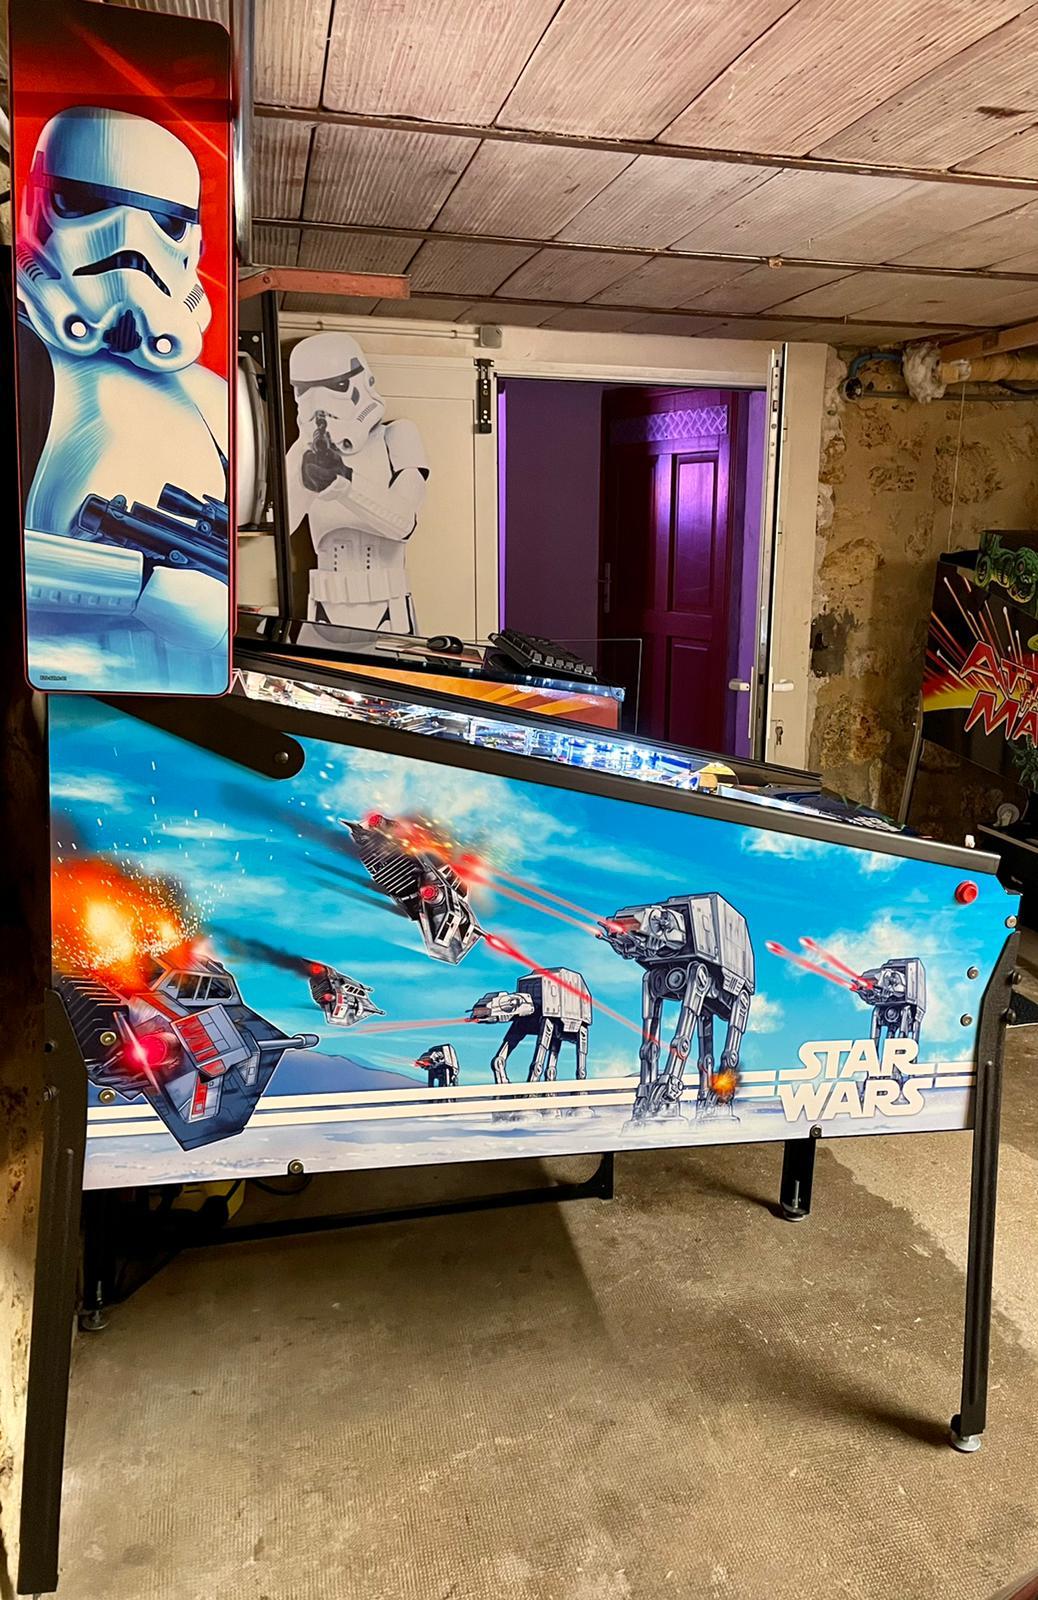 Star Wars Pin - Stern